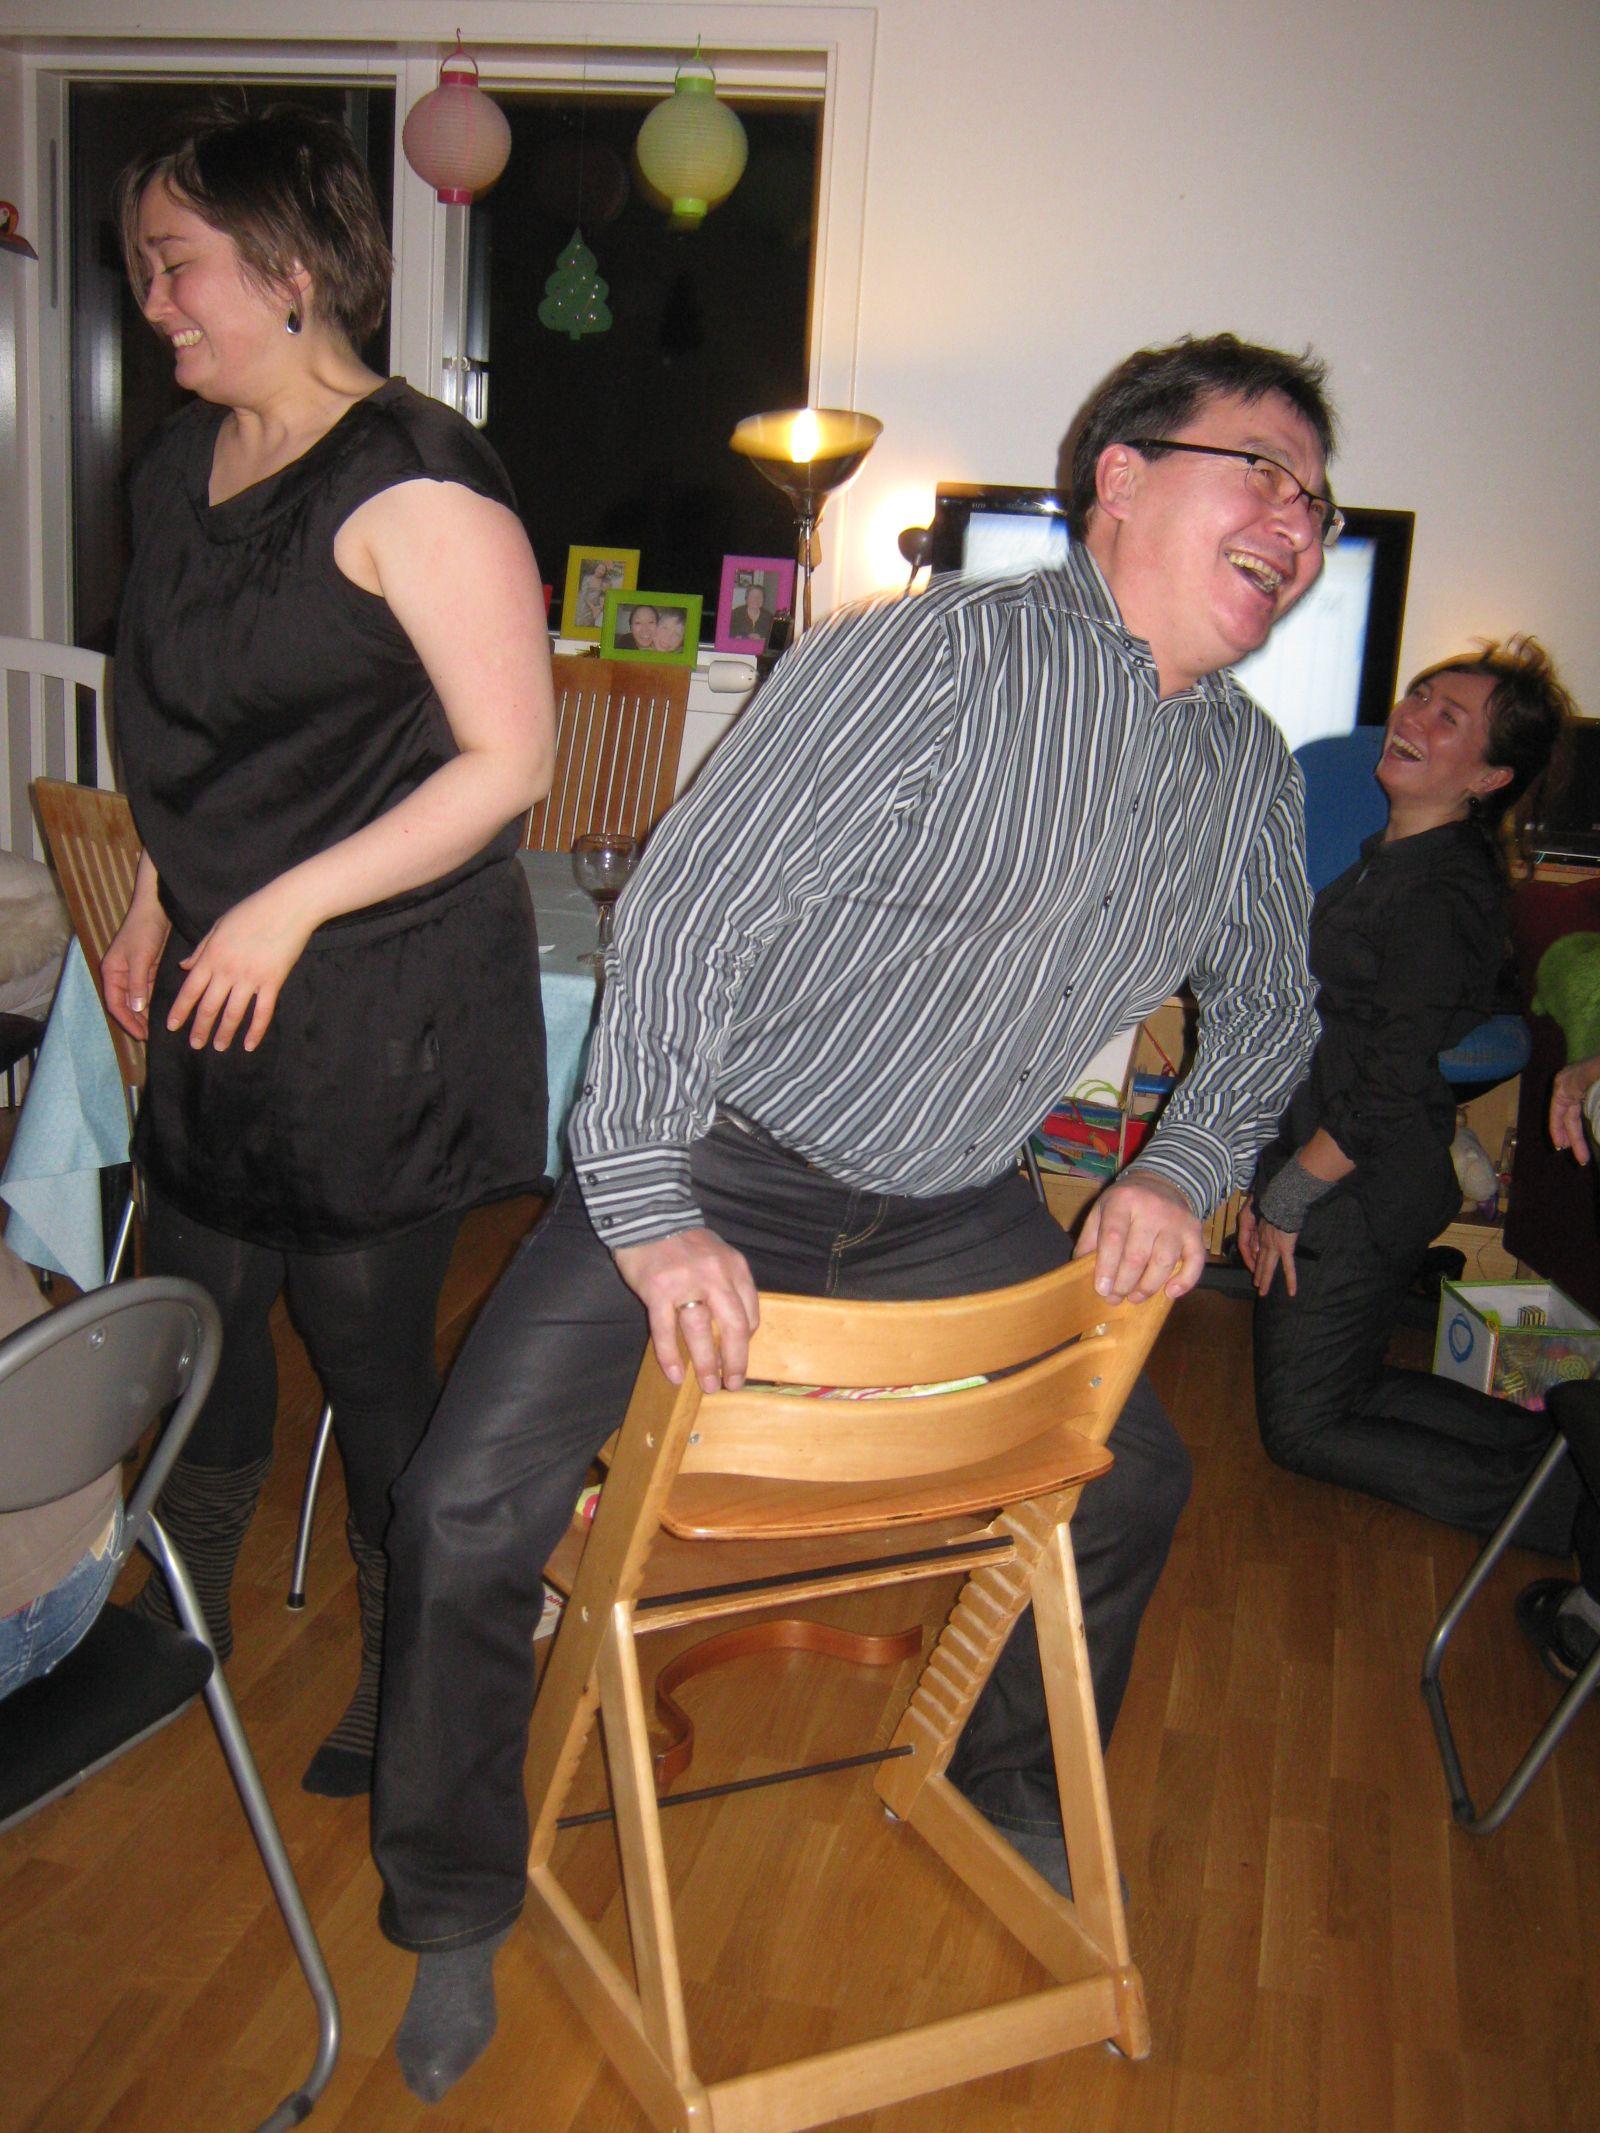 2009-12-26-2038_Jørgen Peter Labansen; Maritha Eugenius Labansen; Worms